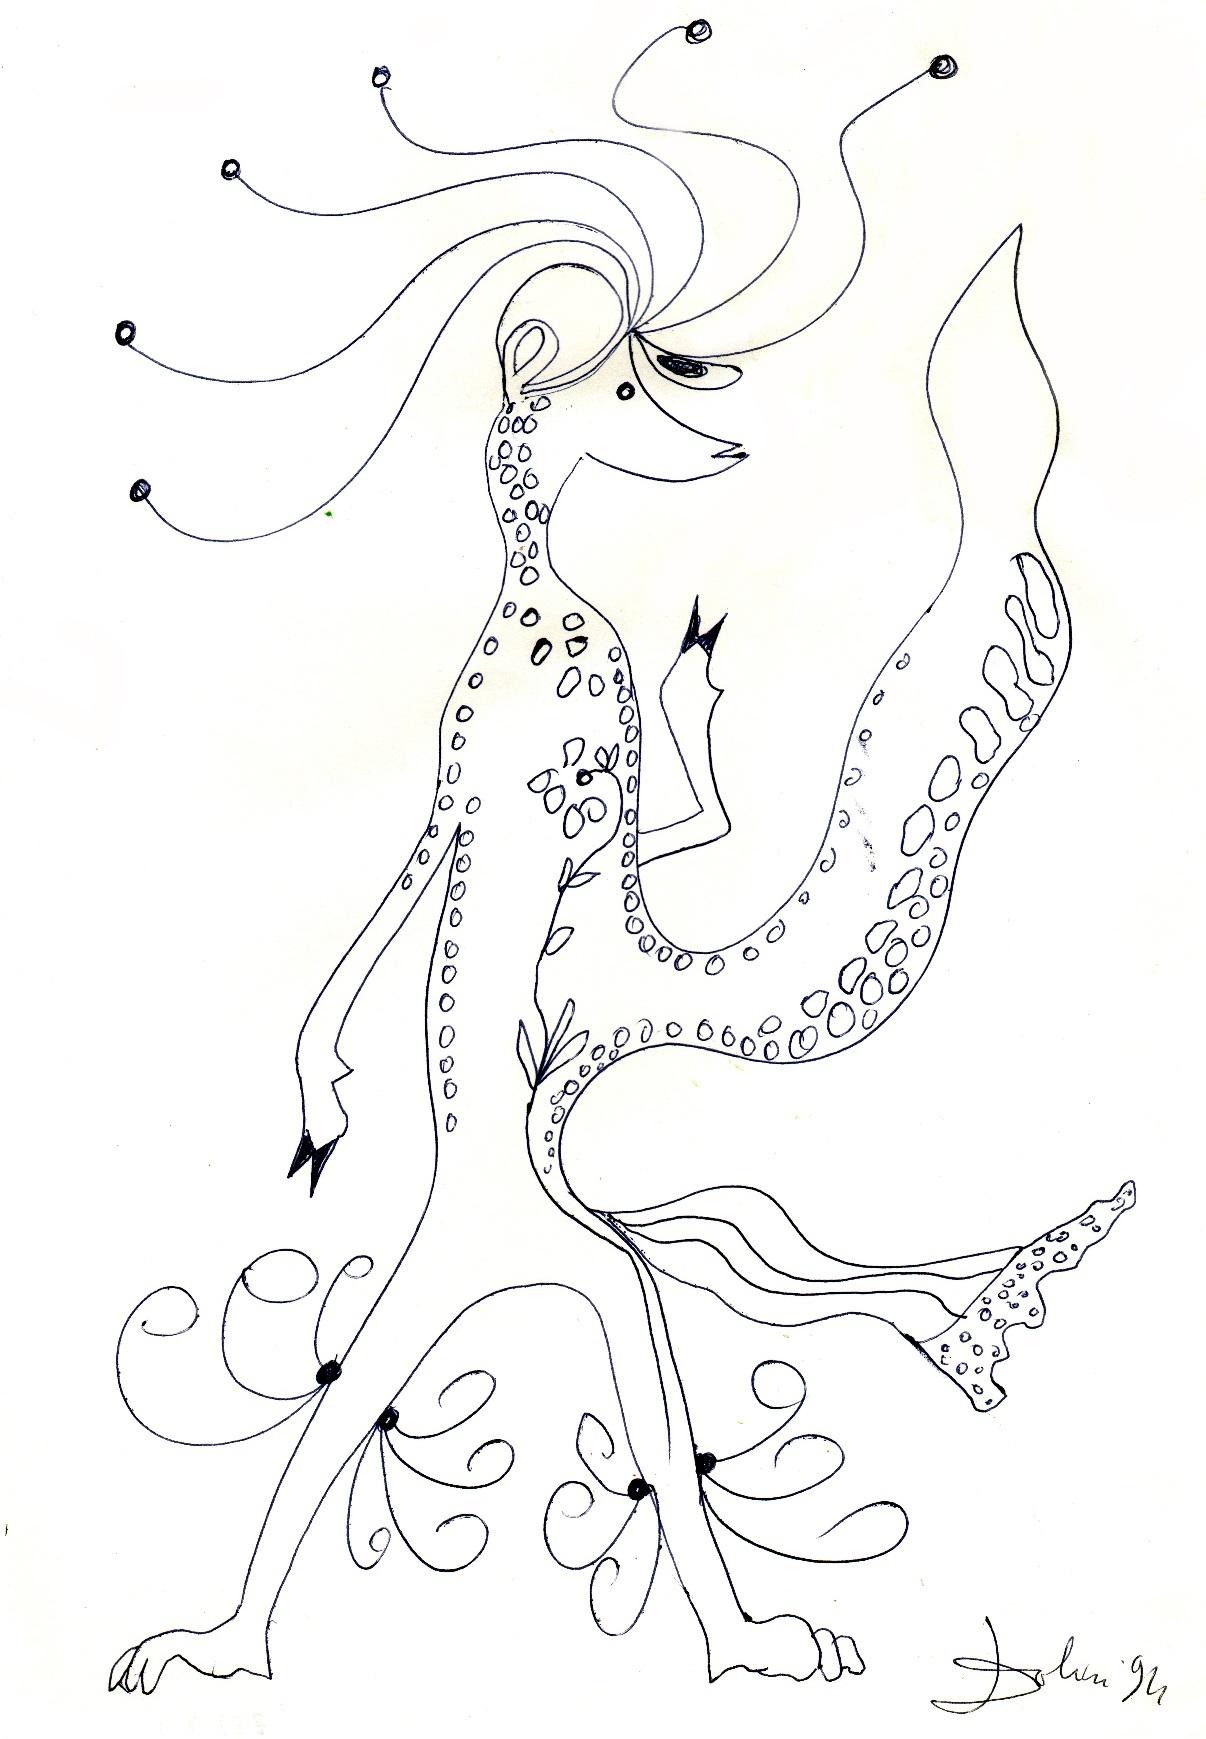 Senza titolo, penna su carta, 1994, cm 29,5 x 21